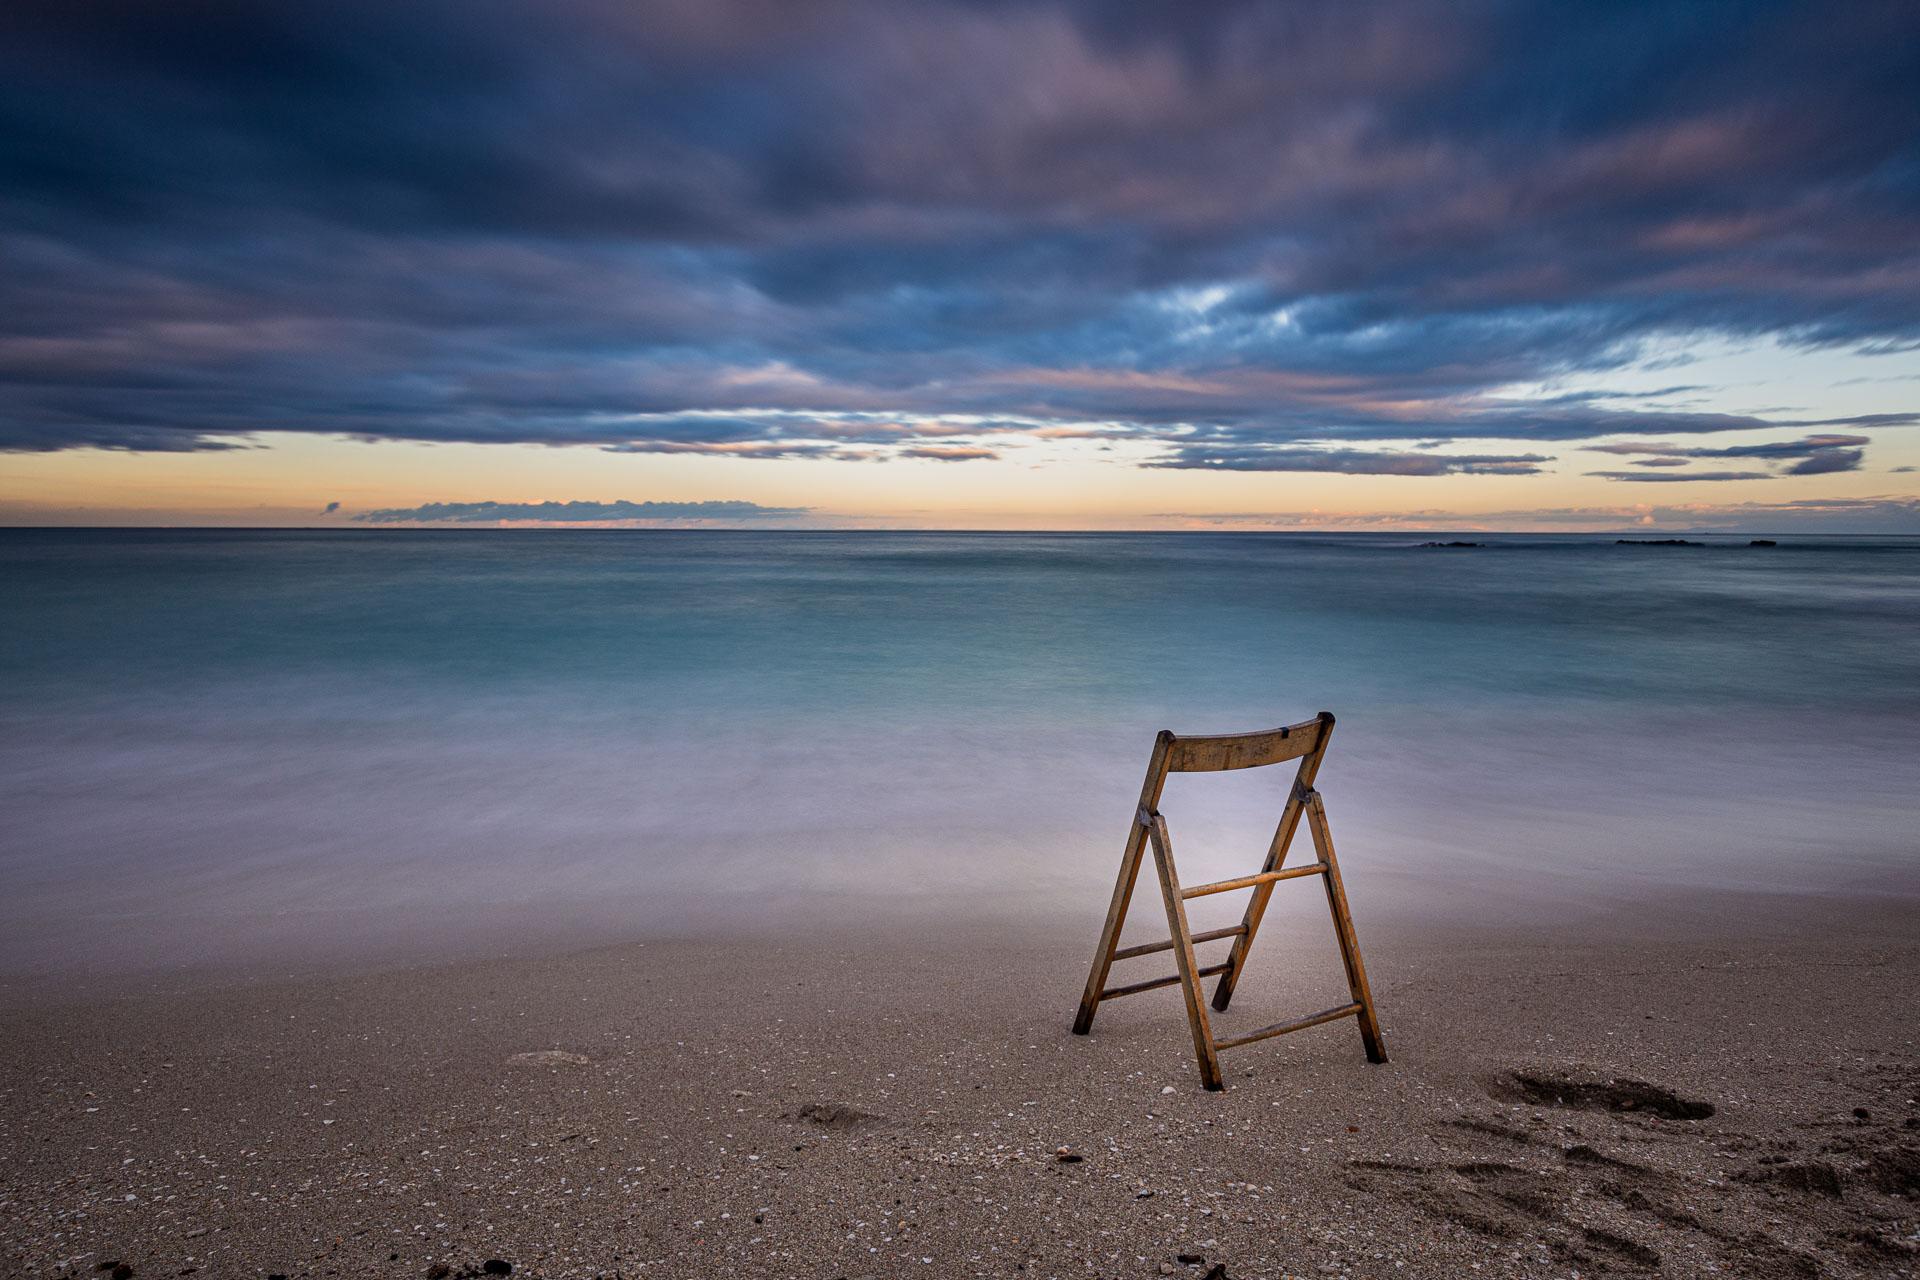 Sedia in riva al mare al tramonto, seascape long exposure photography. Essere senza tempo